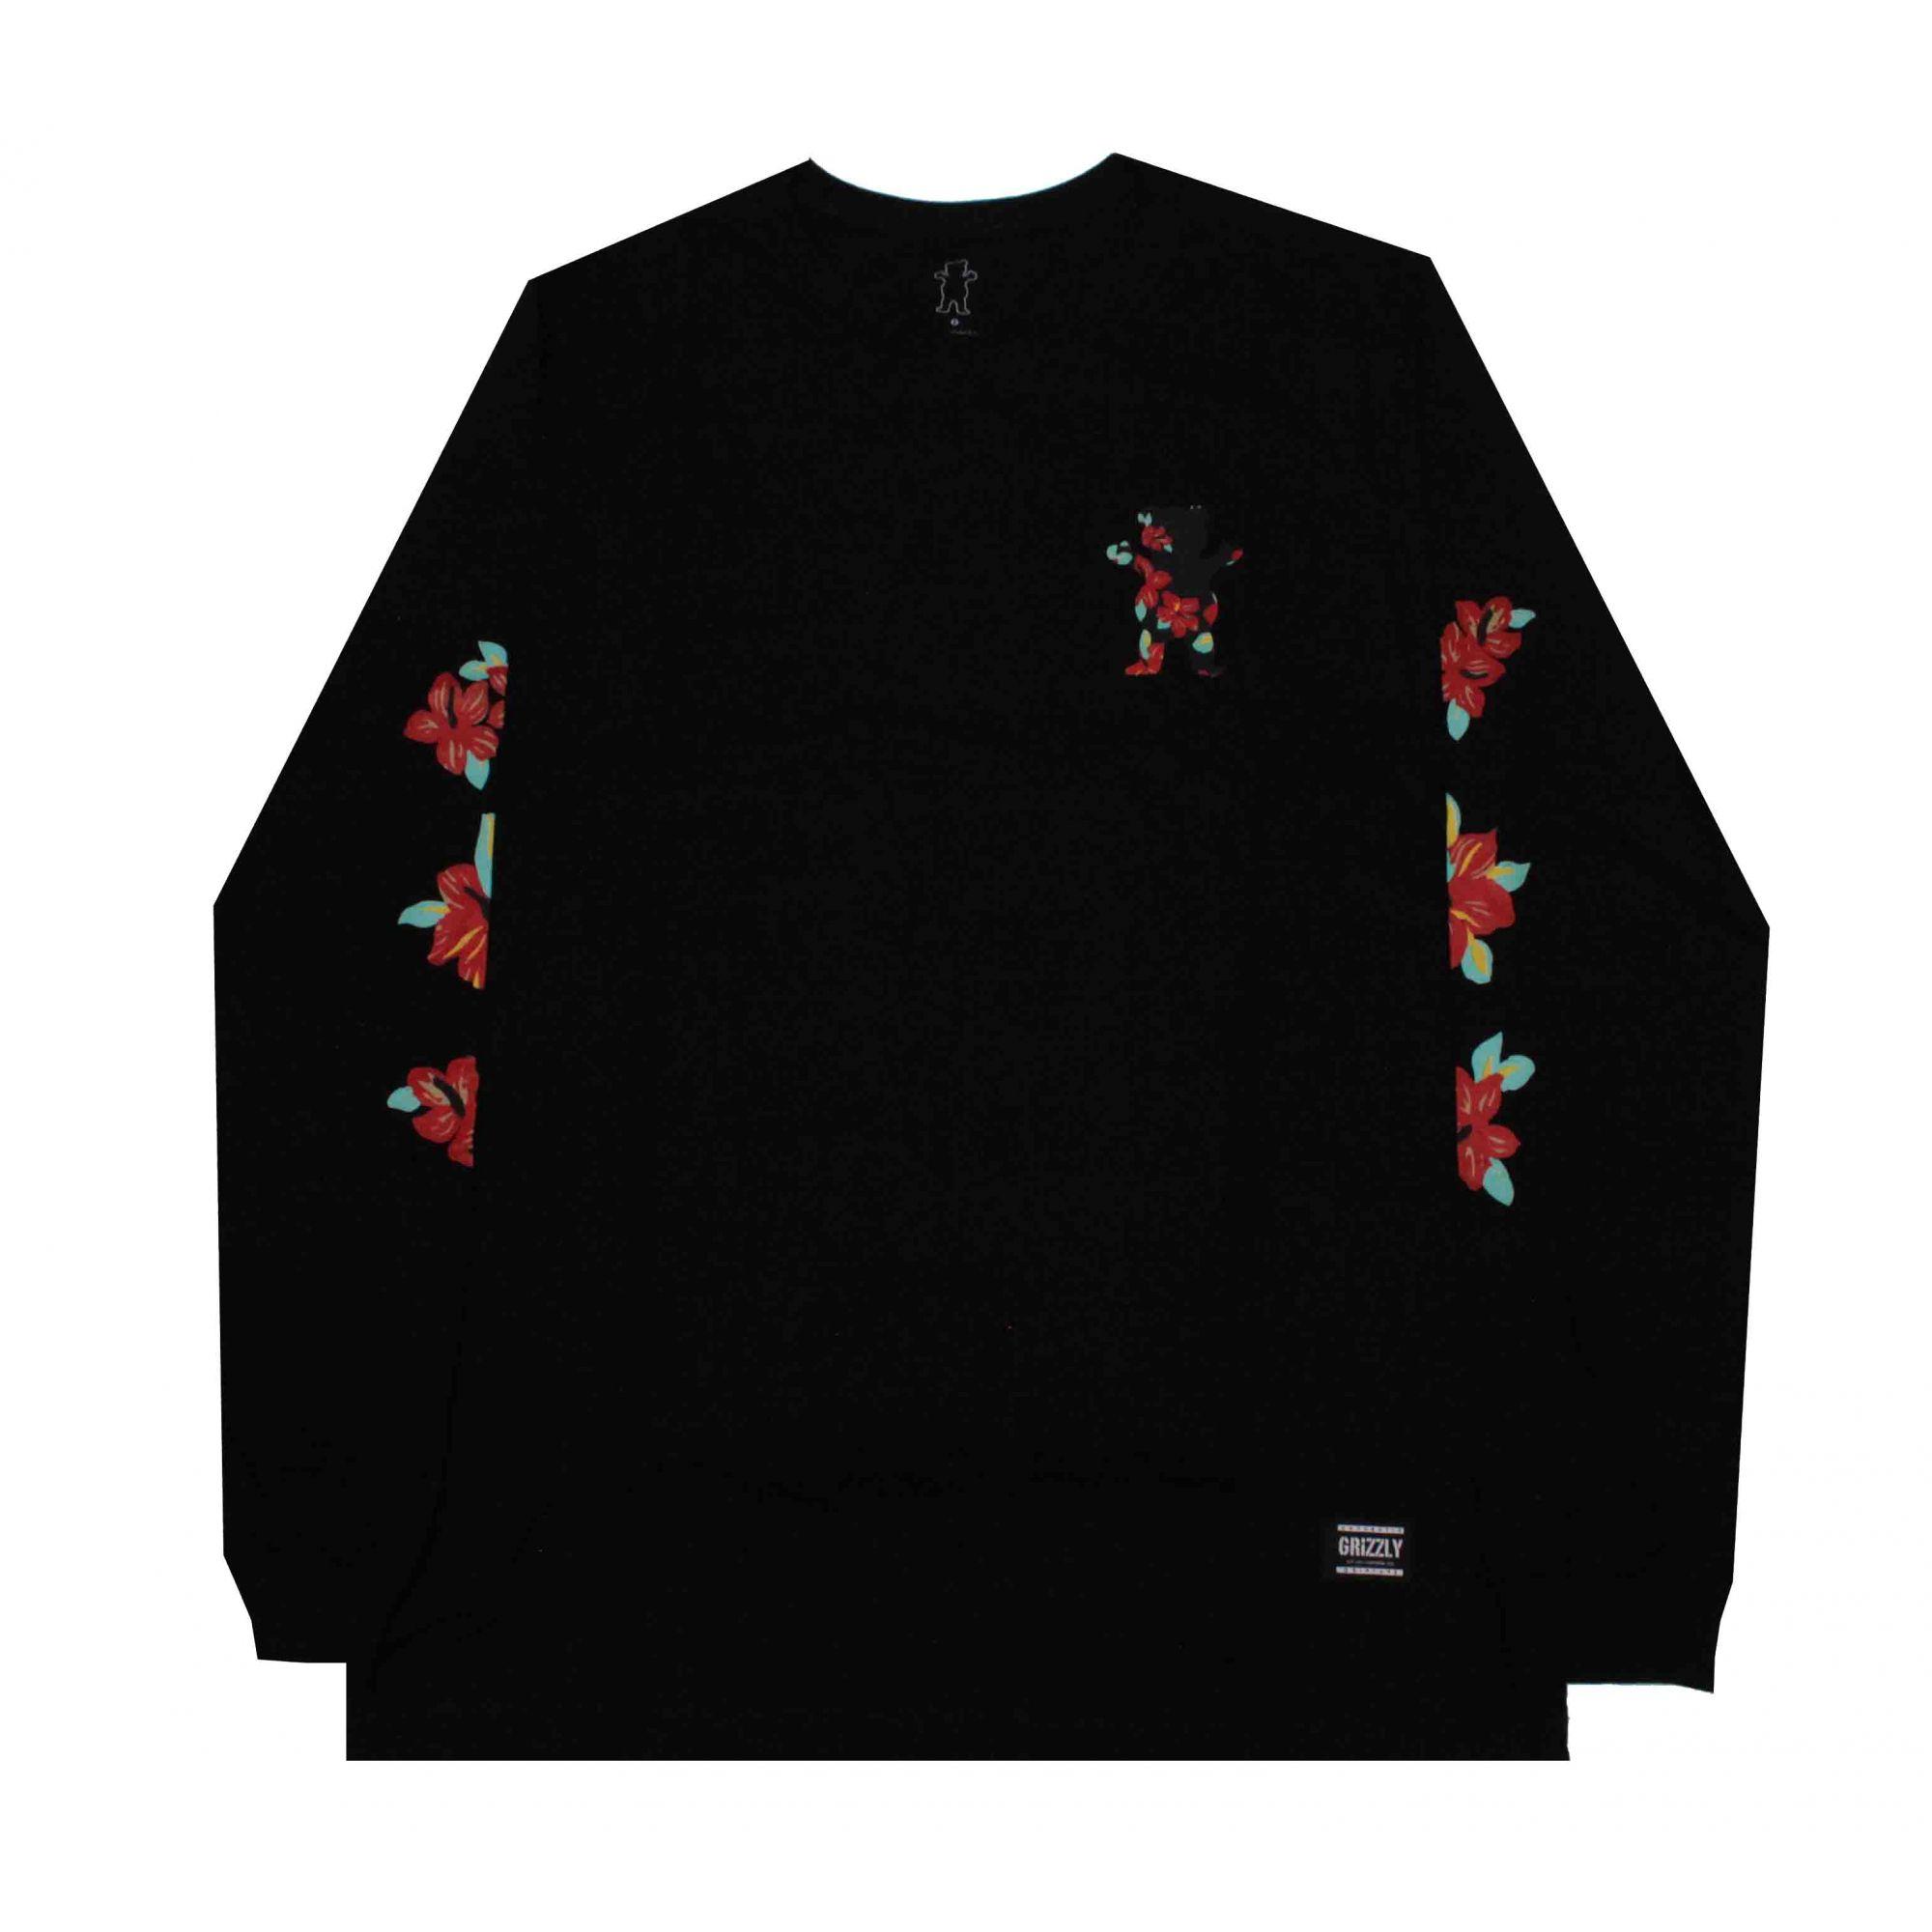 Camiseta Manga Longa Luan Floral Black